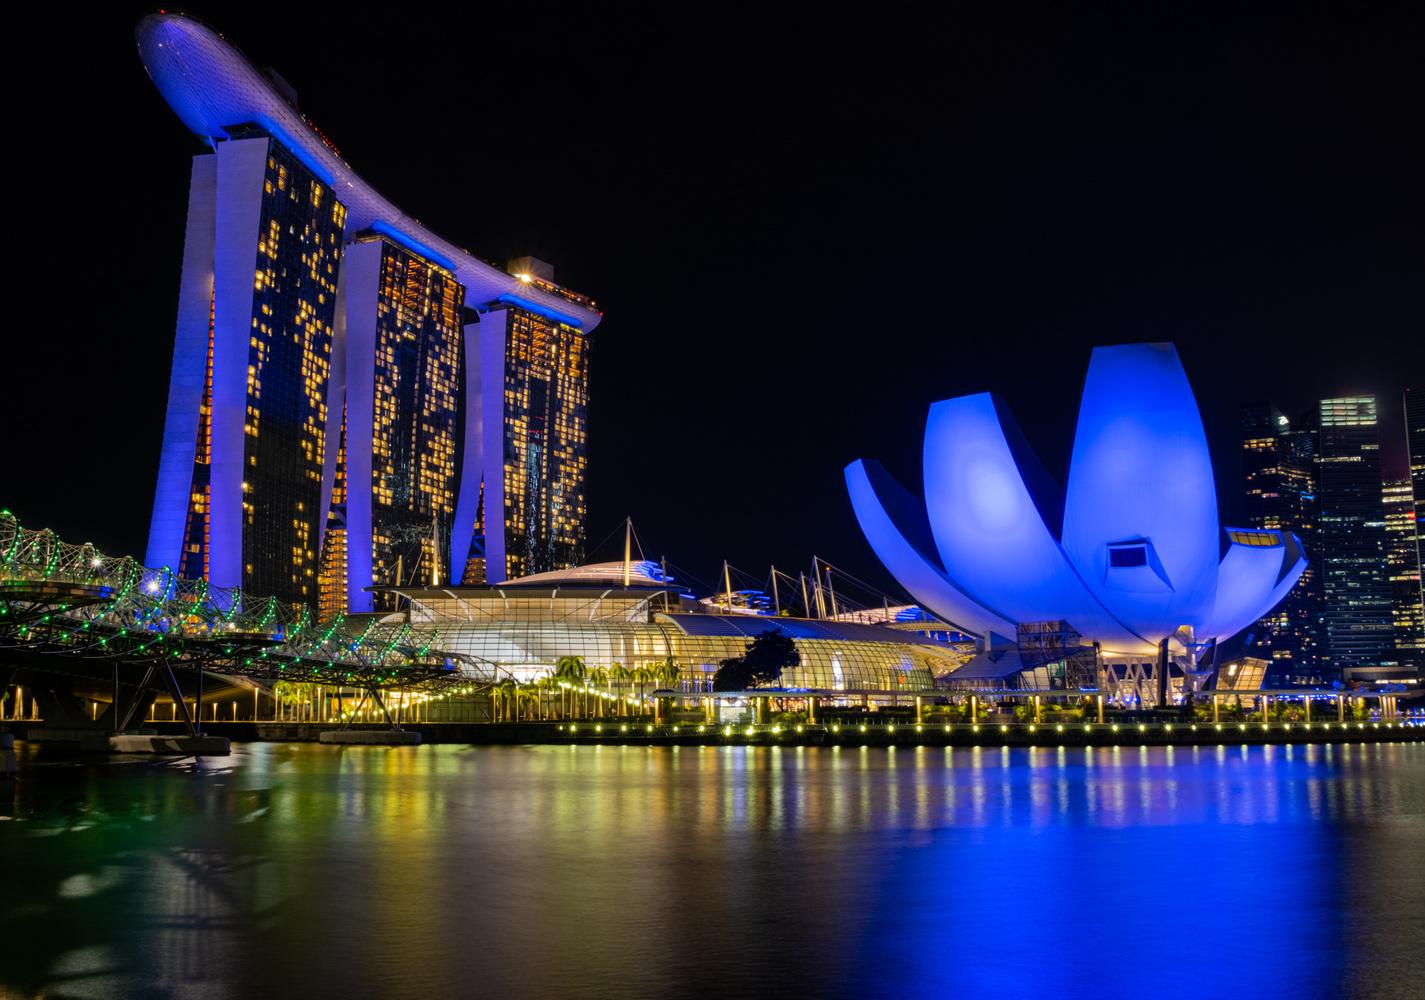 Marina Bay Sands by Markus Hennicken